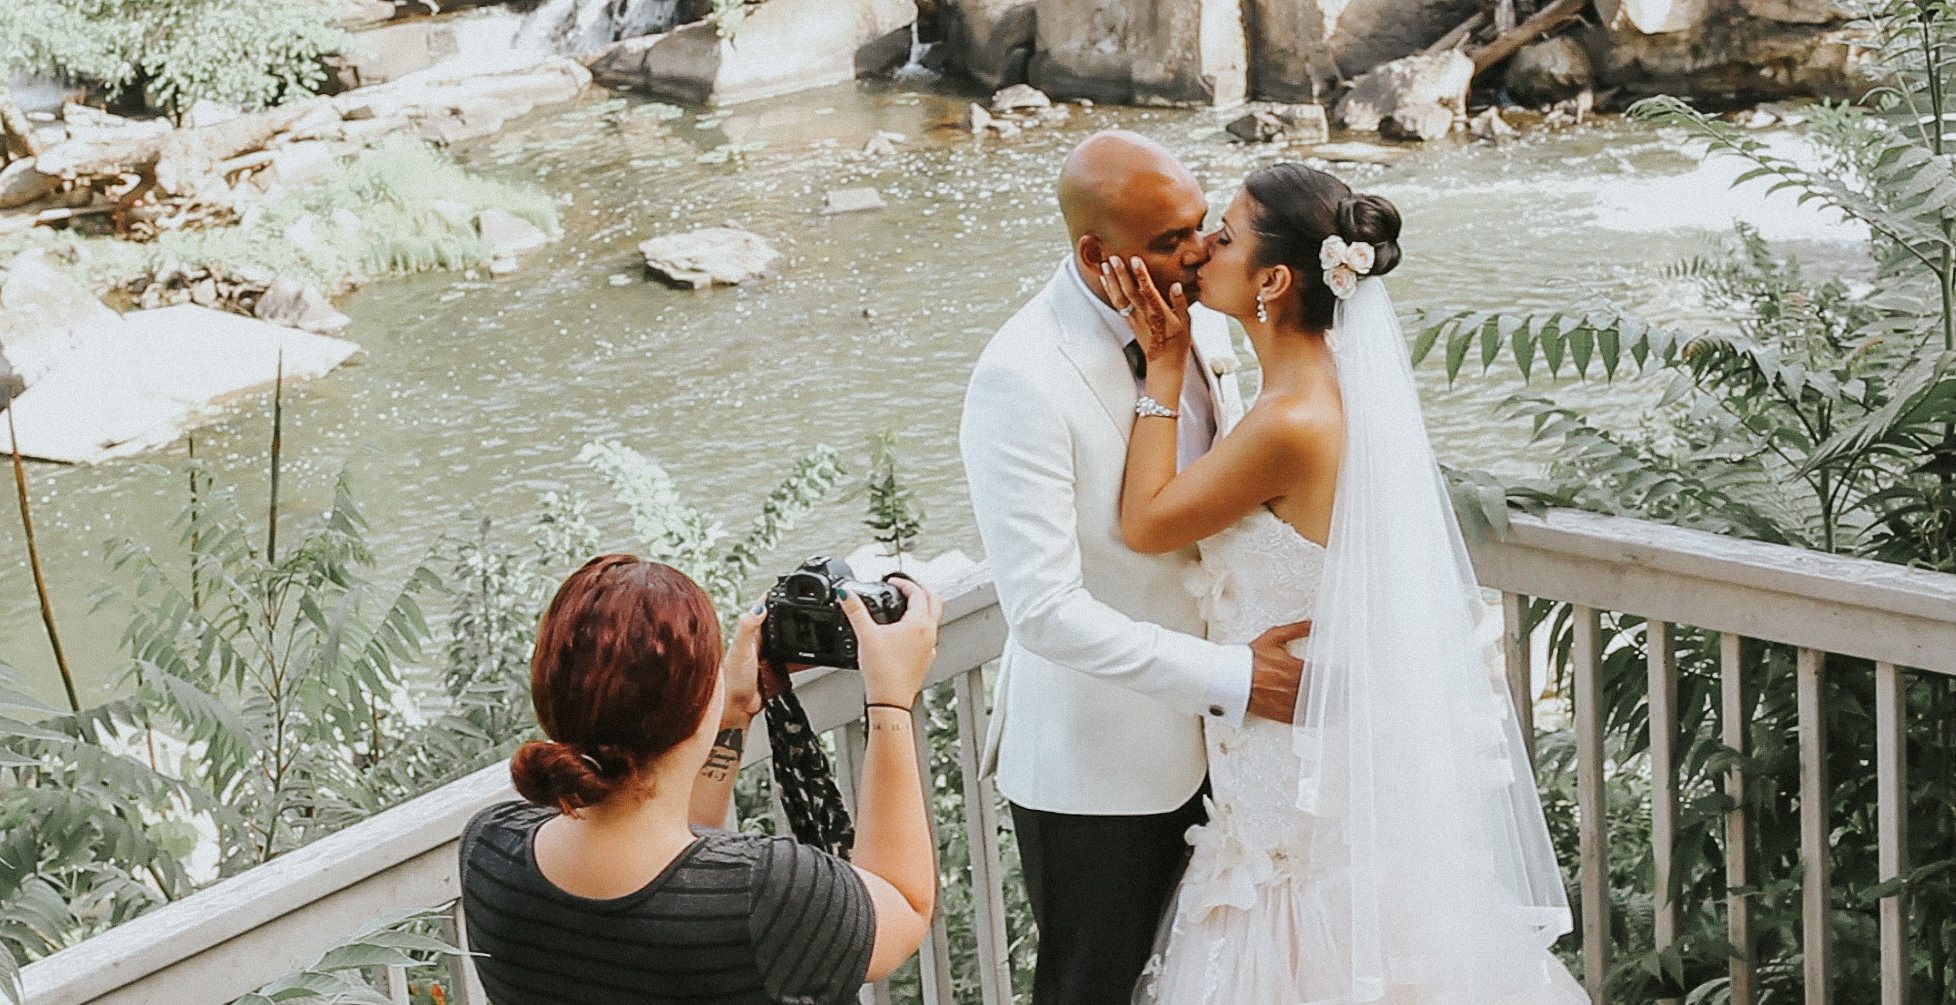 Jordan Jankun Photography, New York Wedding Photographer, Hudson Valley Wedding Photographer, Diamond Mills Wedding, Diamond Mills Wedding Photographer